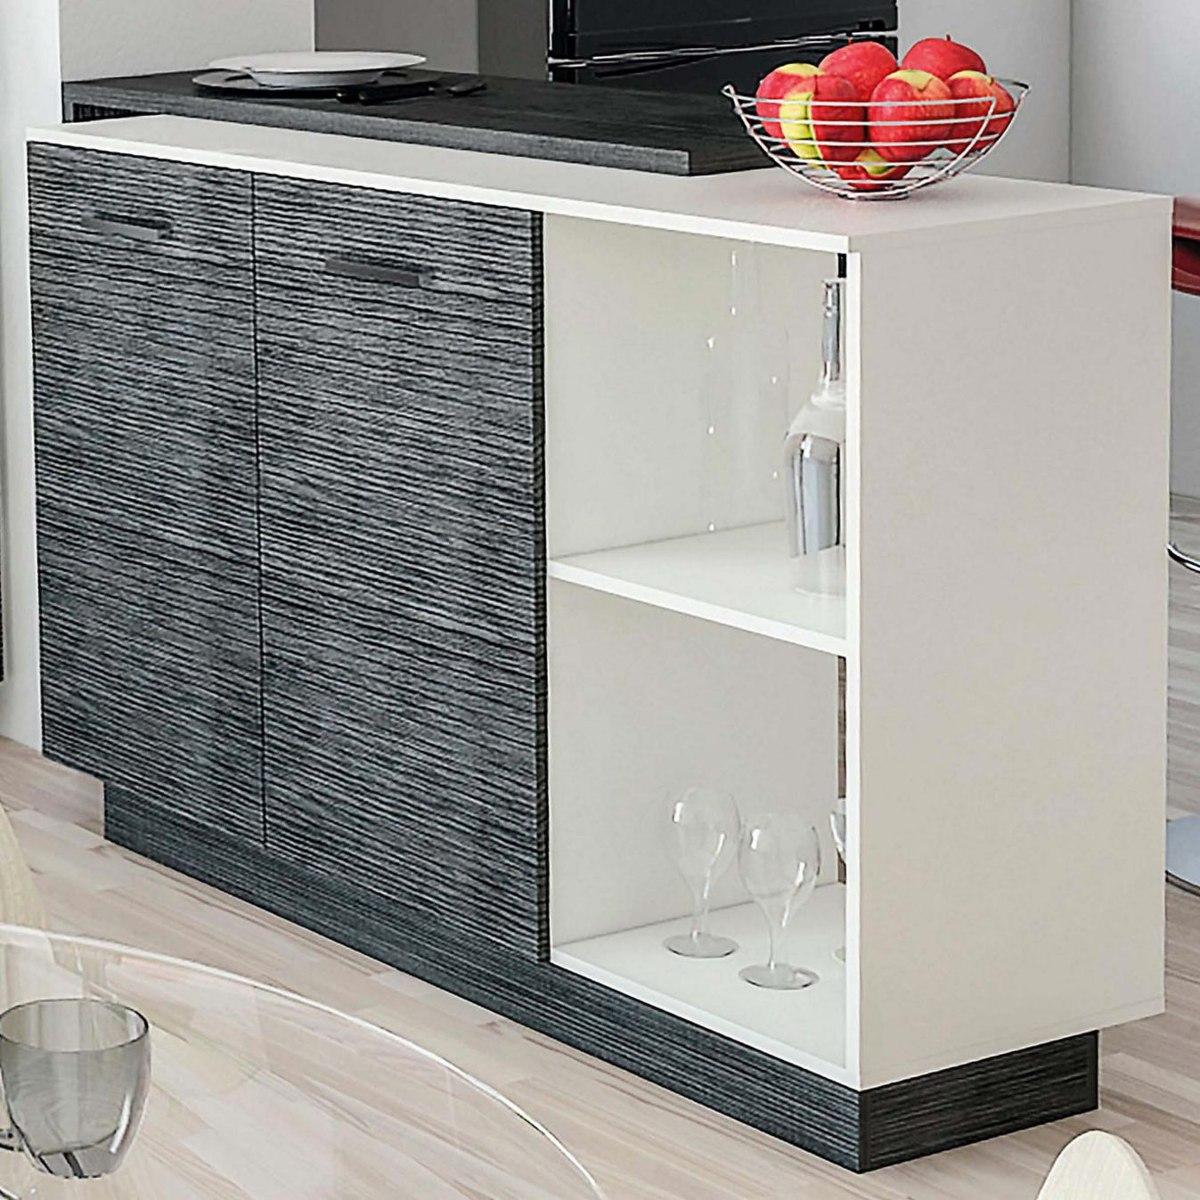 Rta Design Barra Comedor 1. 50 M Sicilia - $ 459.000 en Mercado Libre